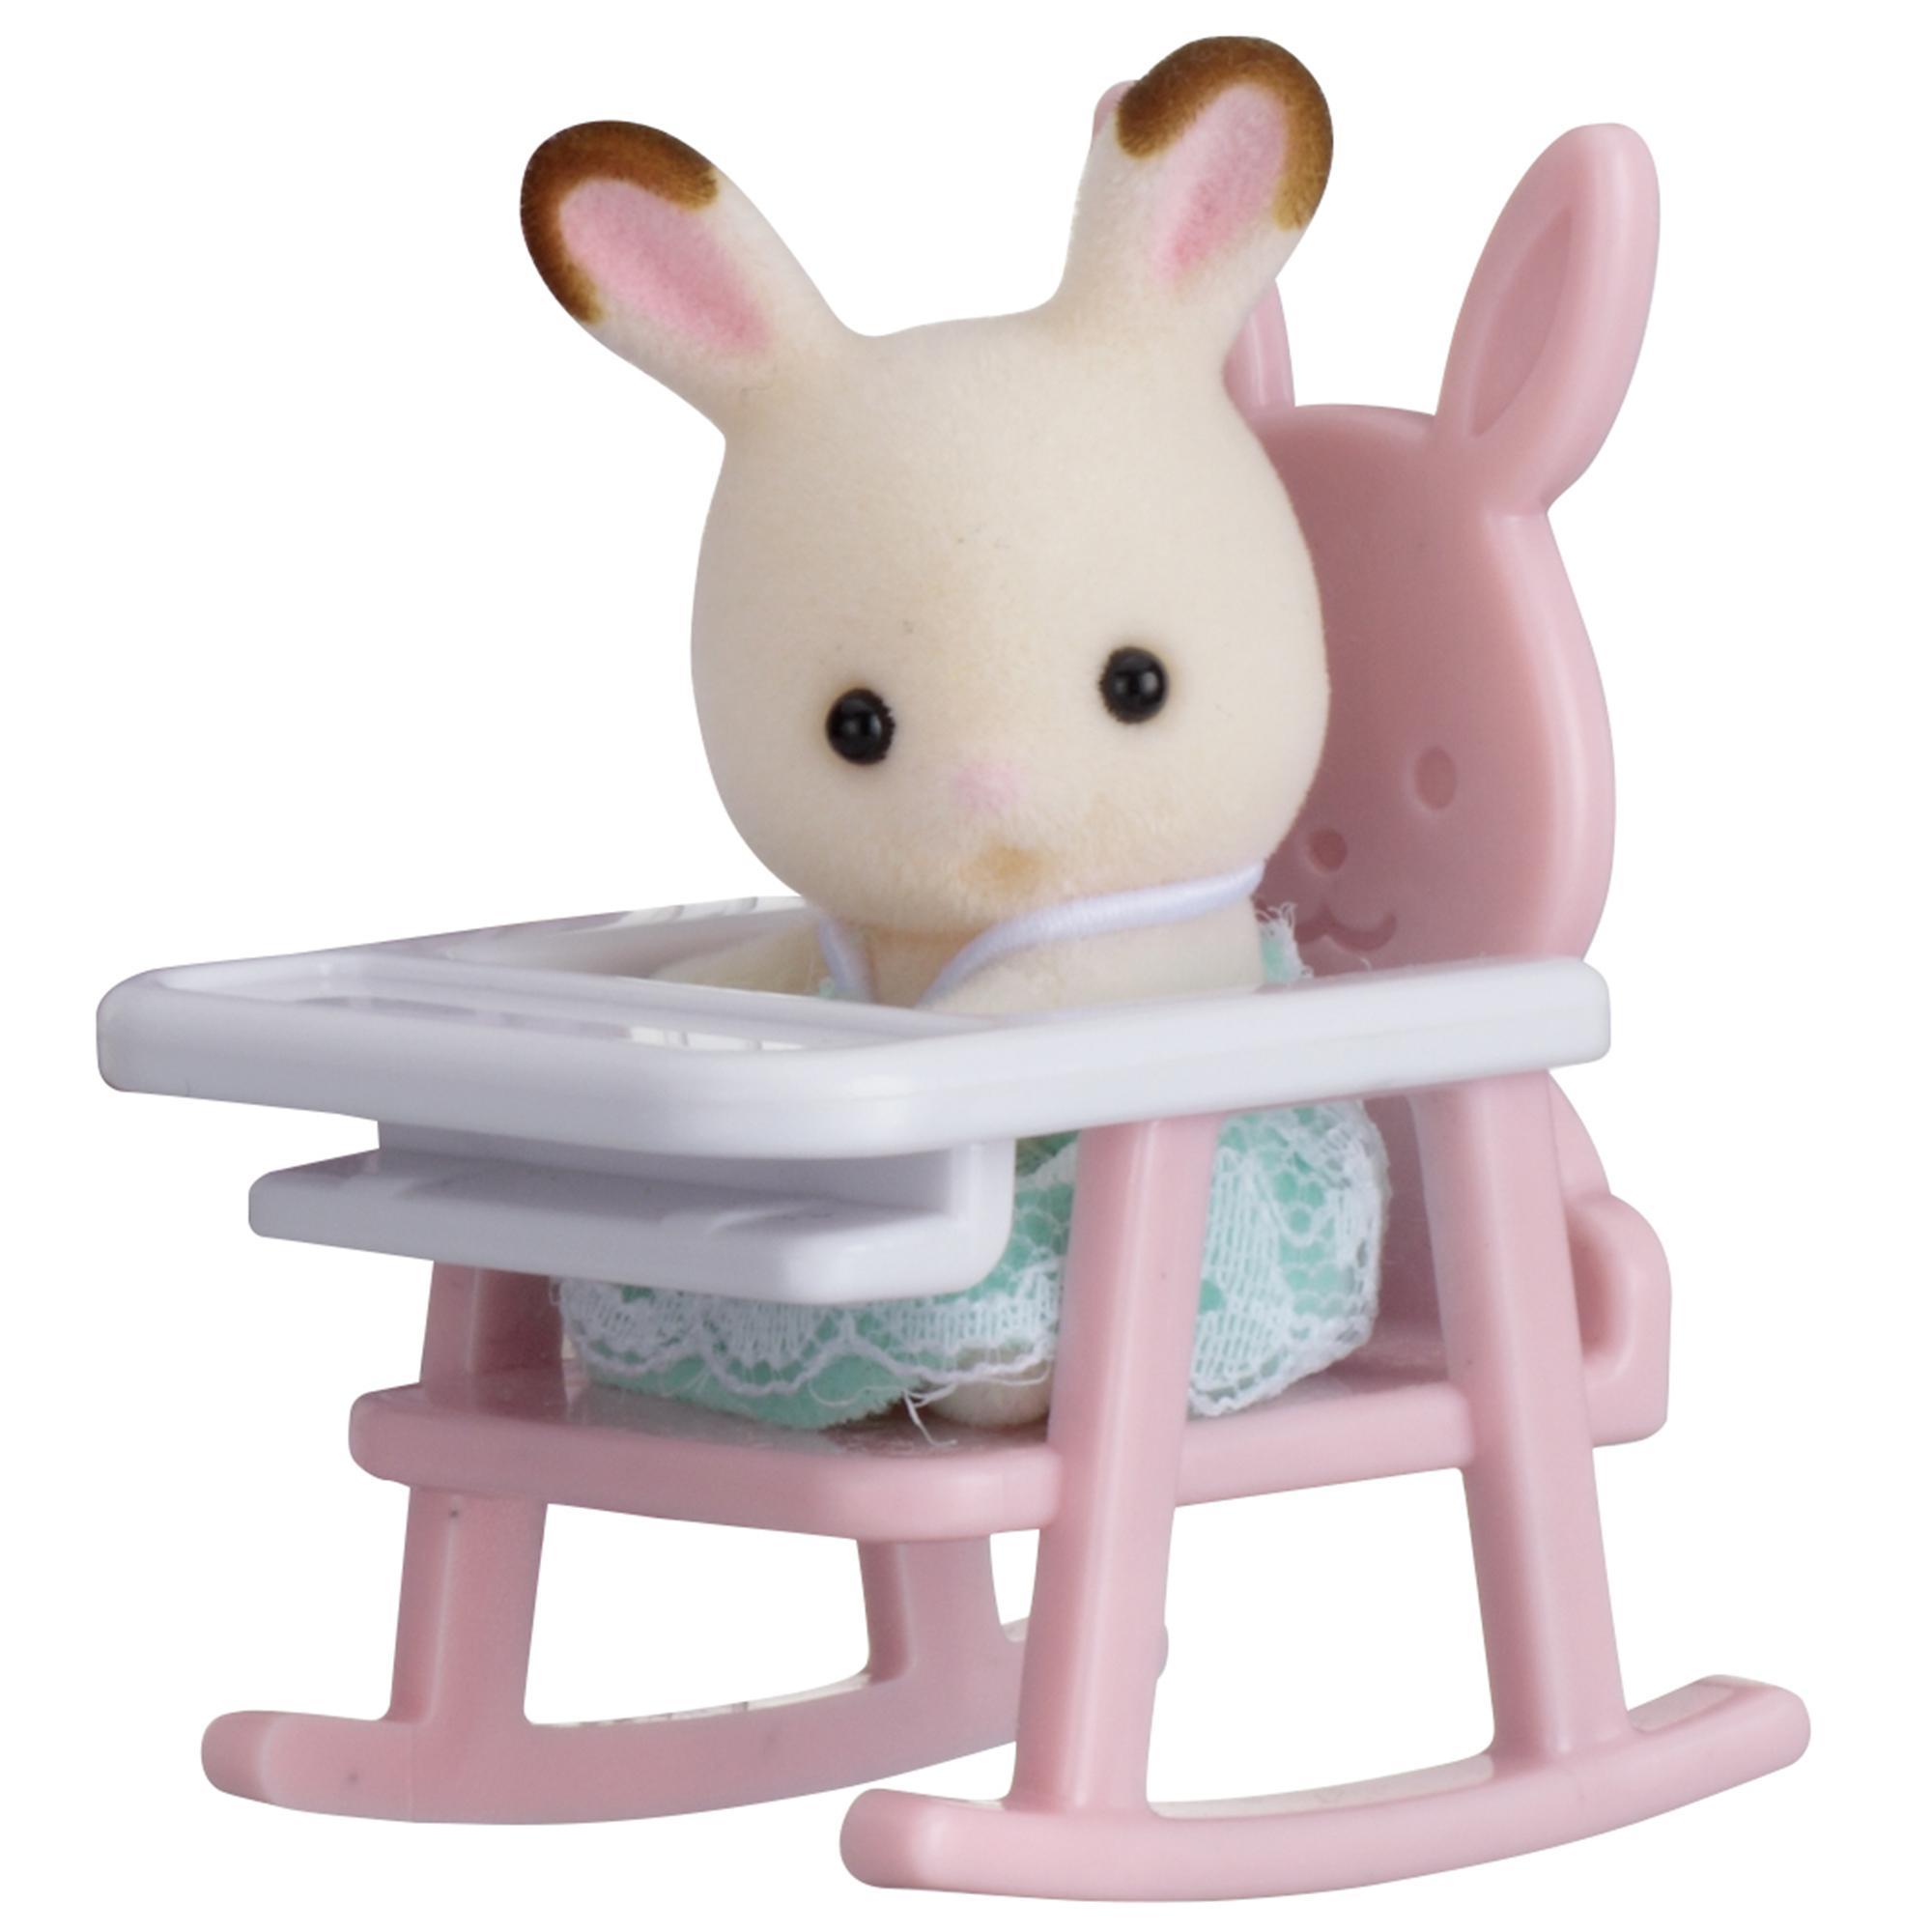 Набор Младенец в пластиковом сундучке - Кролик в детском креслеСемьи и малыши<br>Набор Младенец в пластиковом сундучке - Кролик в детском кресле<br>